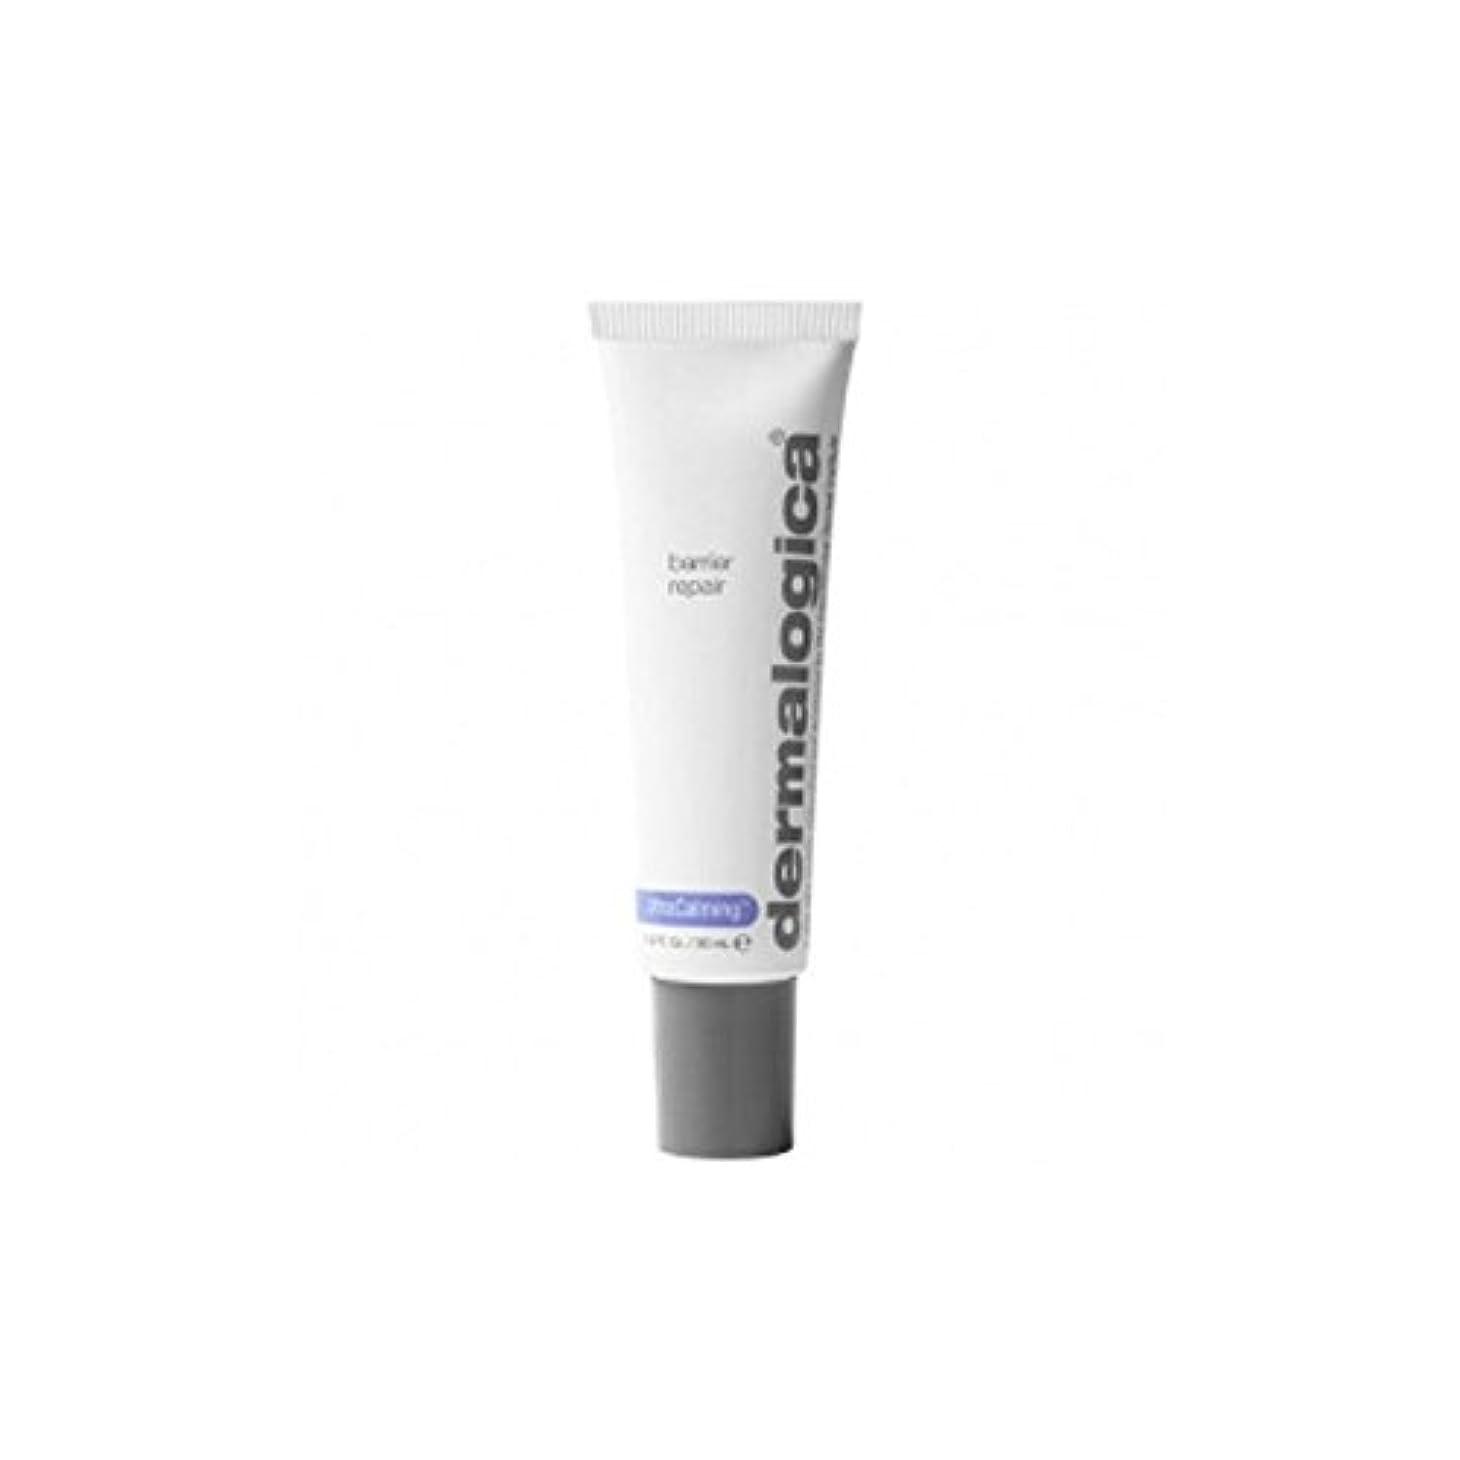 受賞方法連想Dermalogica Ultracalming Barrier Repair (30ml) - ダーマロジカバリアリペア(30ミリリットル) [並行輸入品]